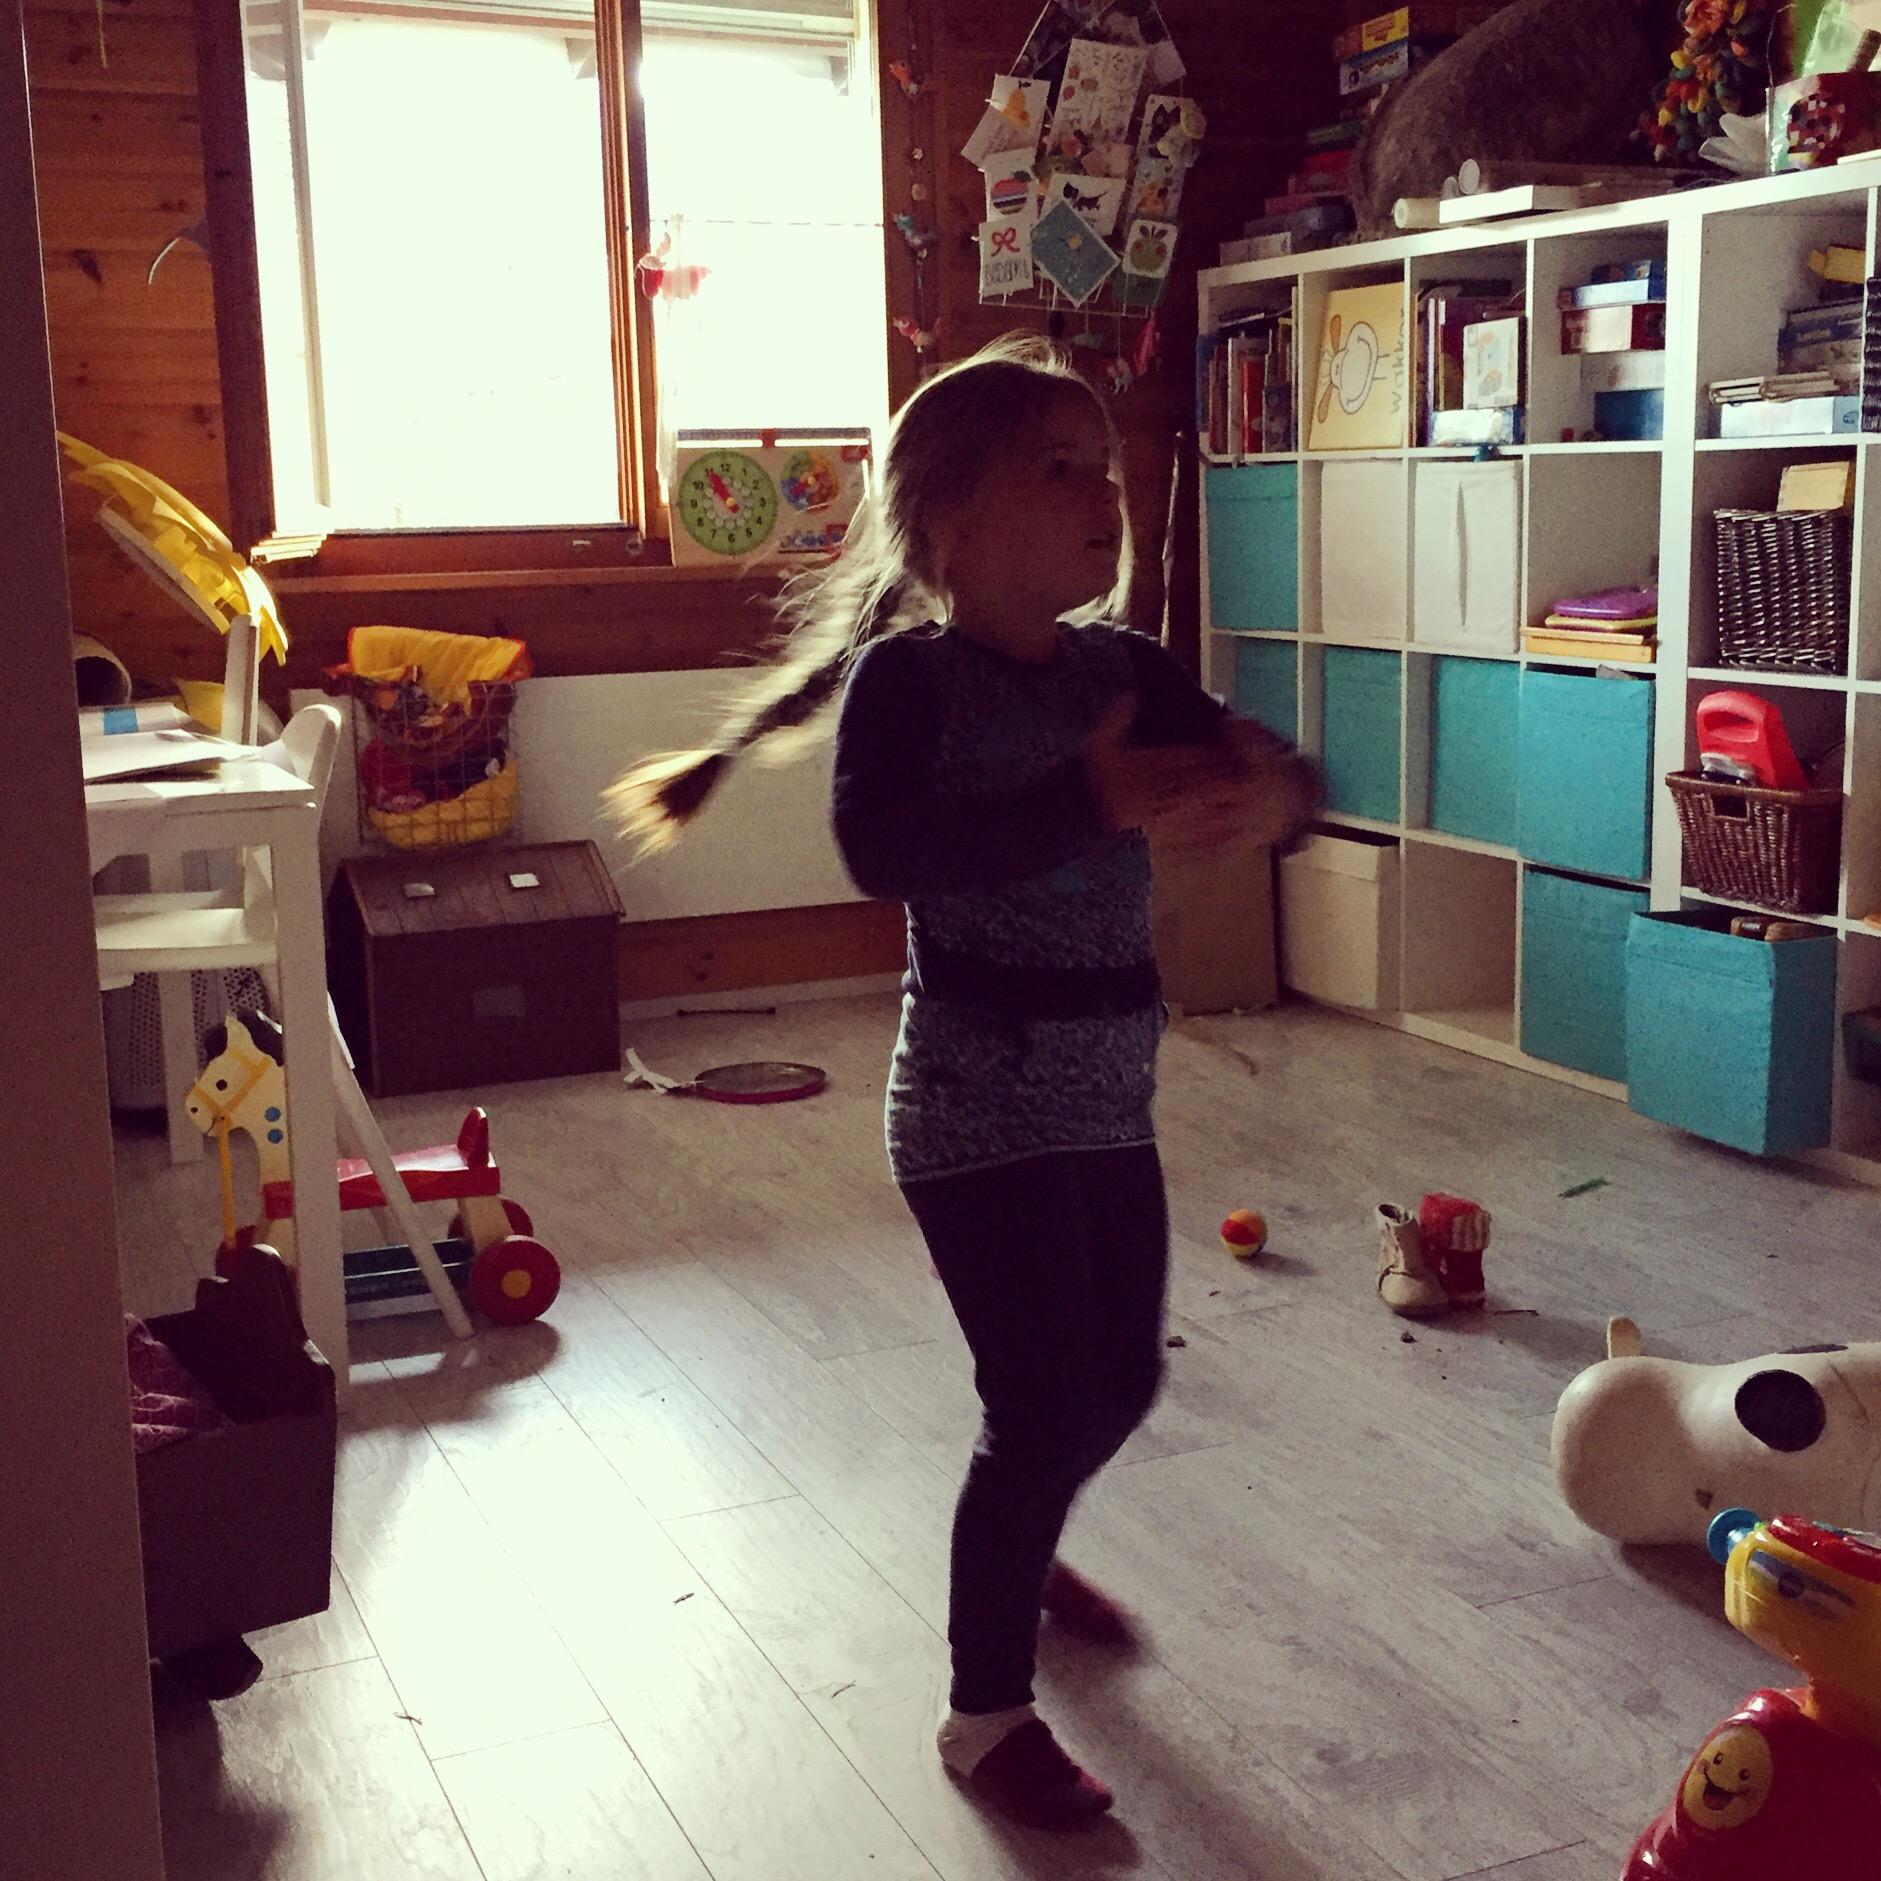 dansen op kinderliedjes youtube